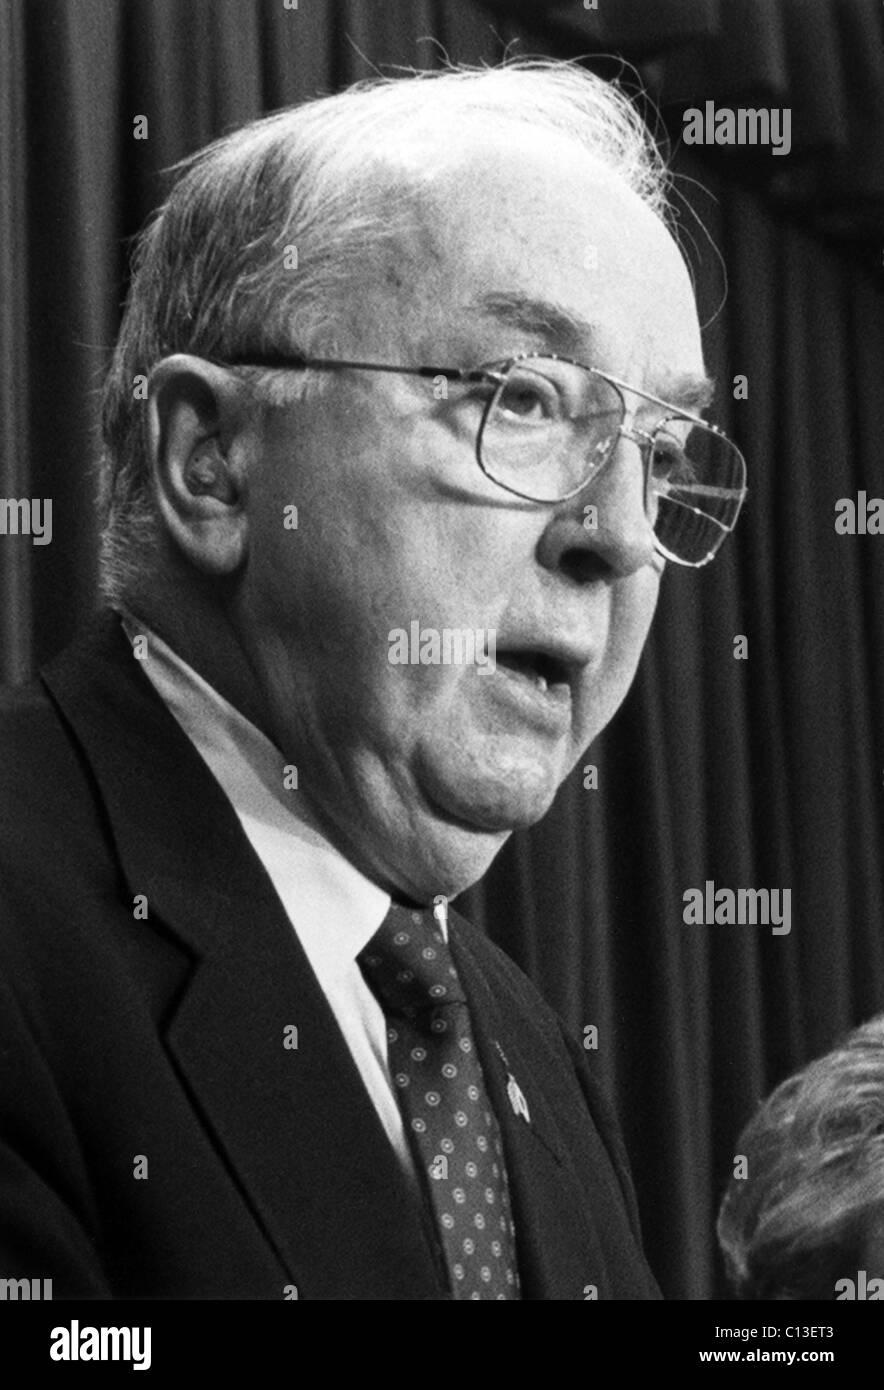 Jesse Helms, Senator (R) North Carolina, 1990s - Stock Image